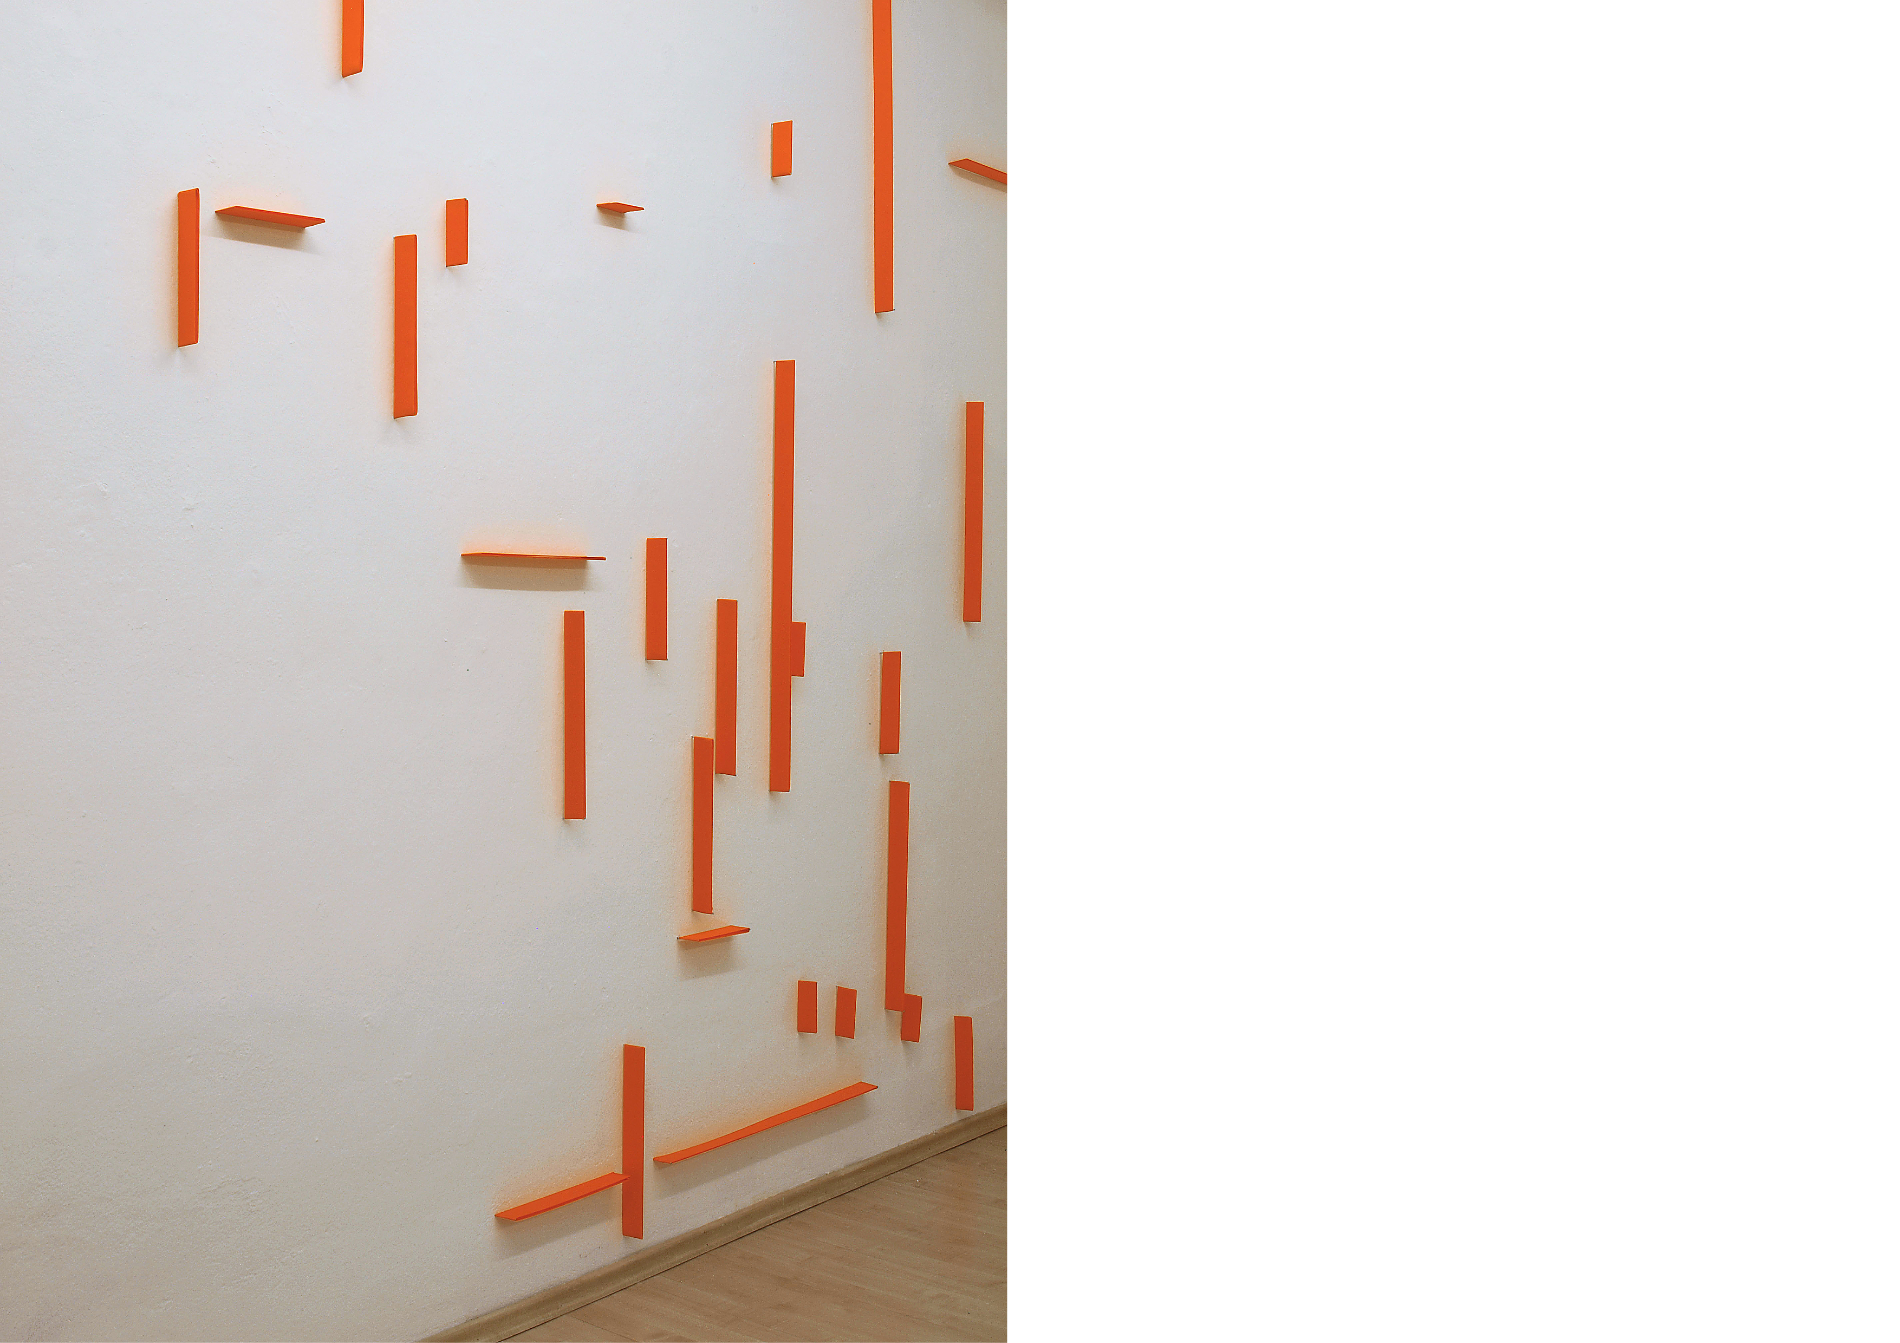 wall drawing 05_2020_tissue neonorange, steel pins_275 x 480 x 4 cm